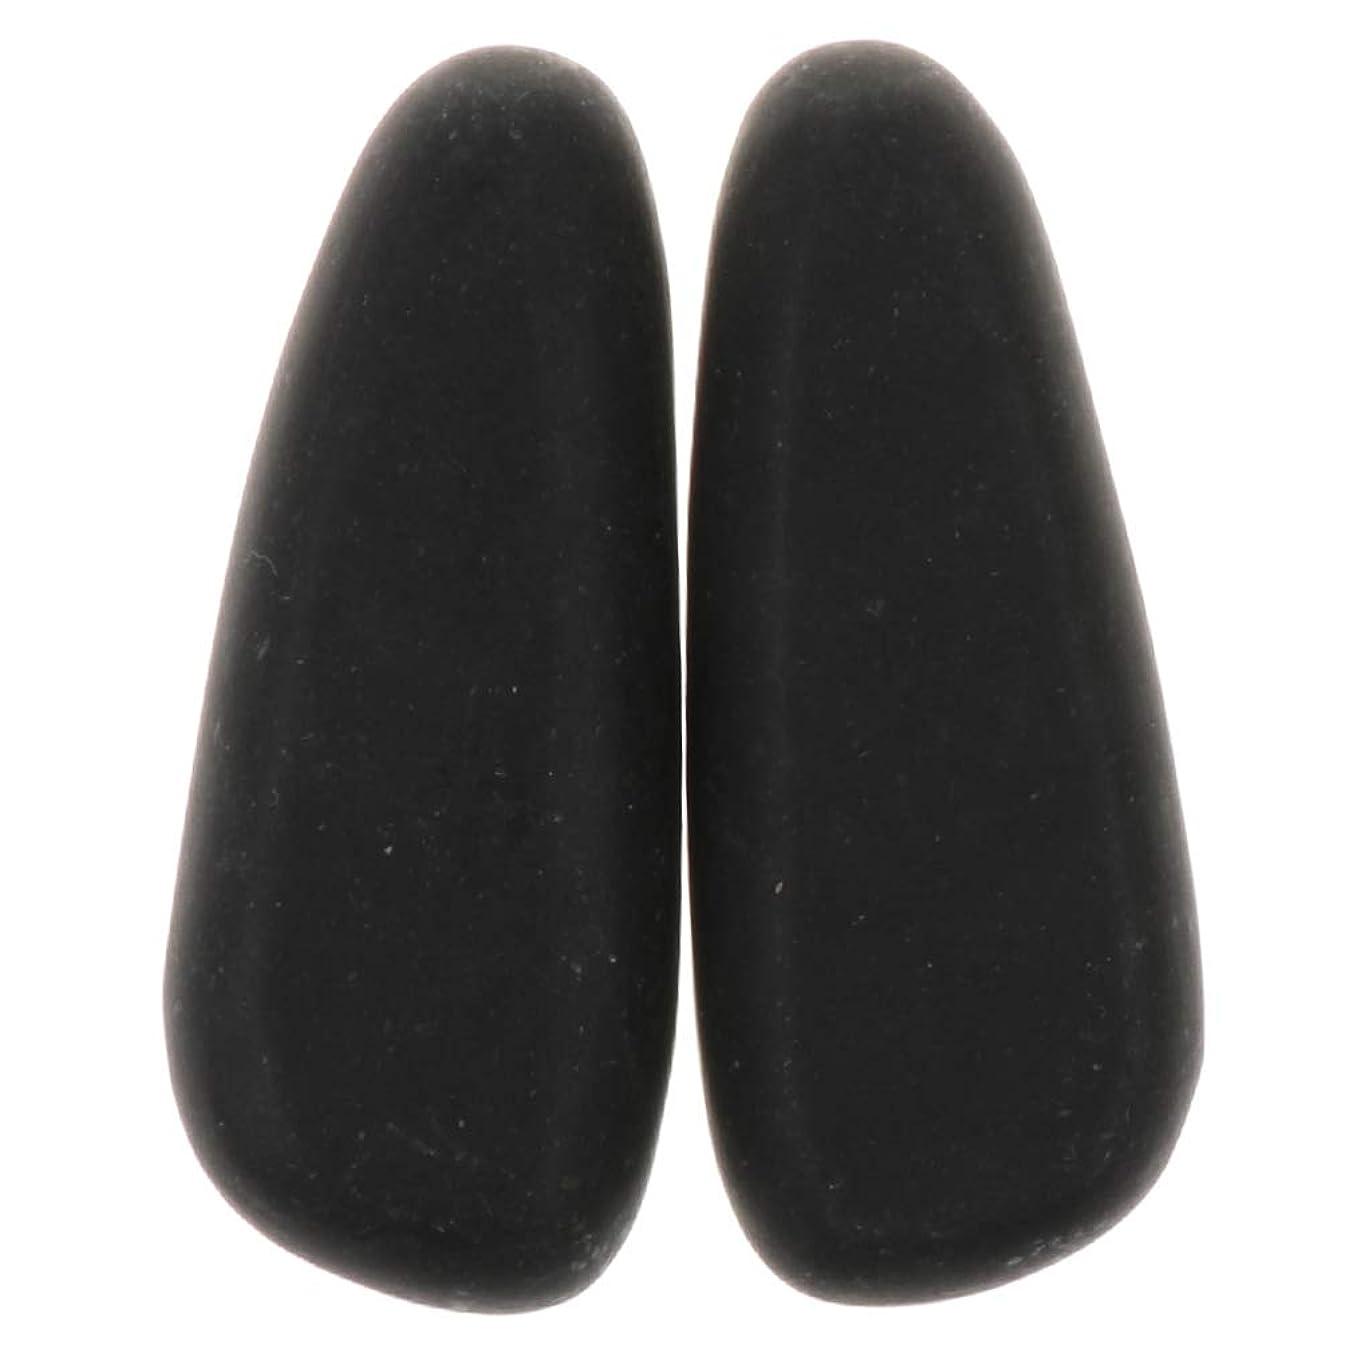 付き添い人政治家熟達Hellery マッサージストーン 天然石ホットストーン マッサージ用玄武岩 SPA ツボ押しグッズ 2個 全2サイズ - 8×3.2×2cm